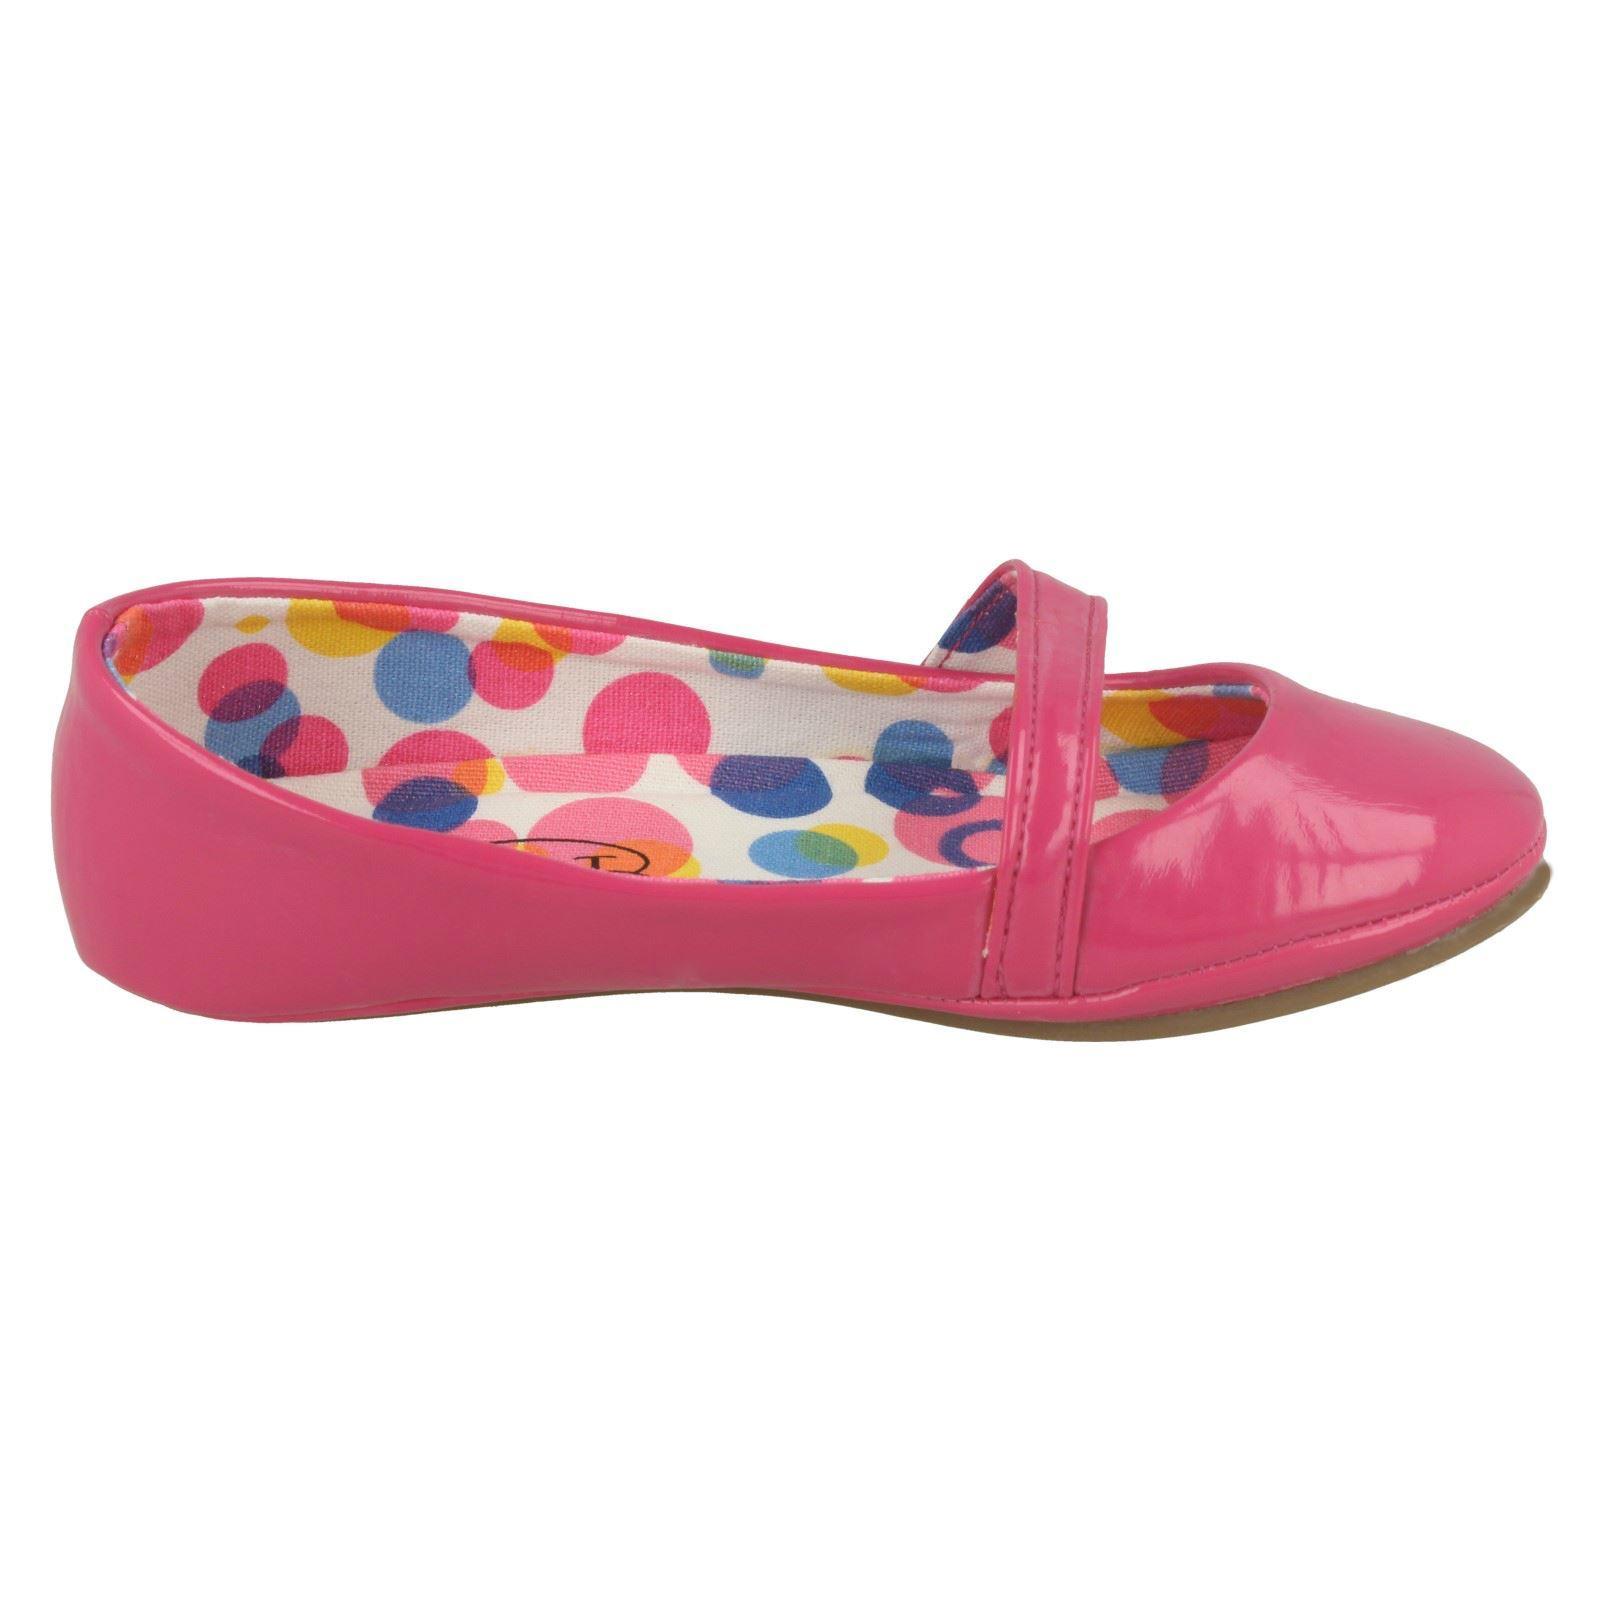 Chicas Lugar en Sintético Inteligente Escuela Zapatos H2151 estilo ~ K